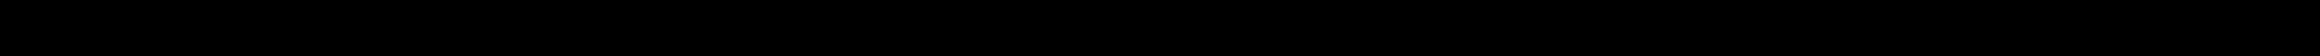 MANN-FILTER 520 4302 0, 1C0 127 401, 1CO 127 401, 1J0 127 399 A, 1J0 127 401 Bränslefilter